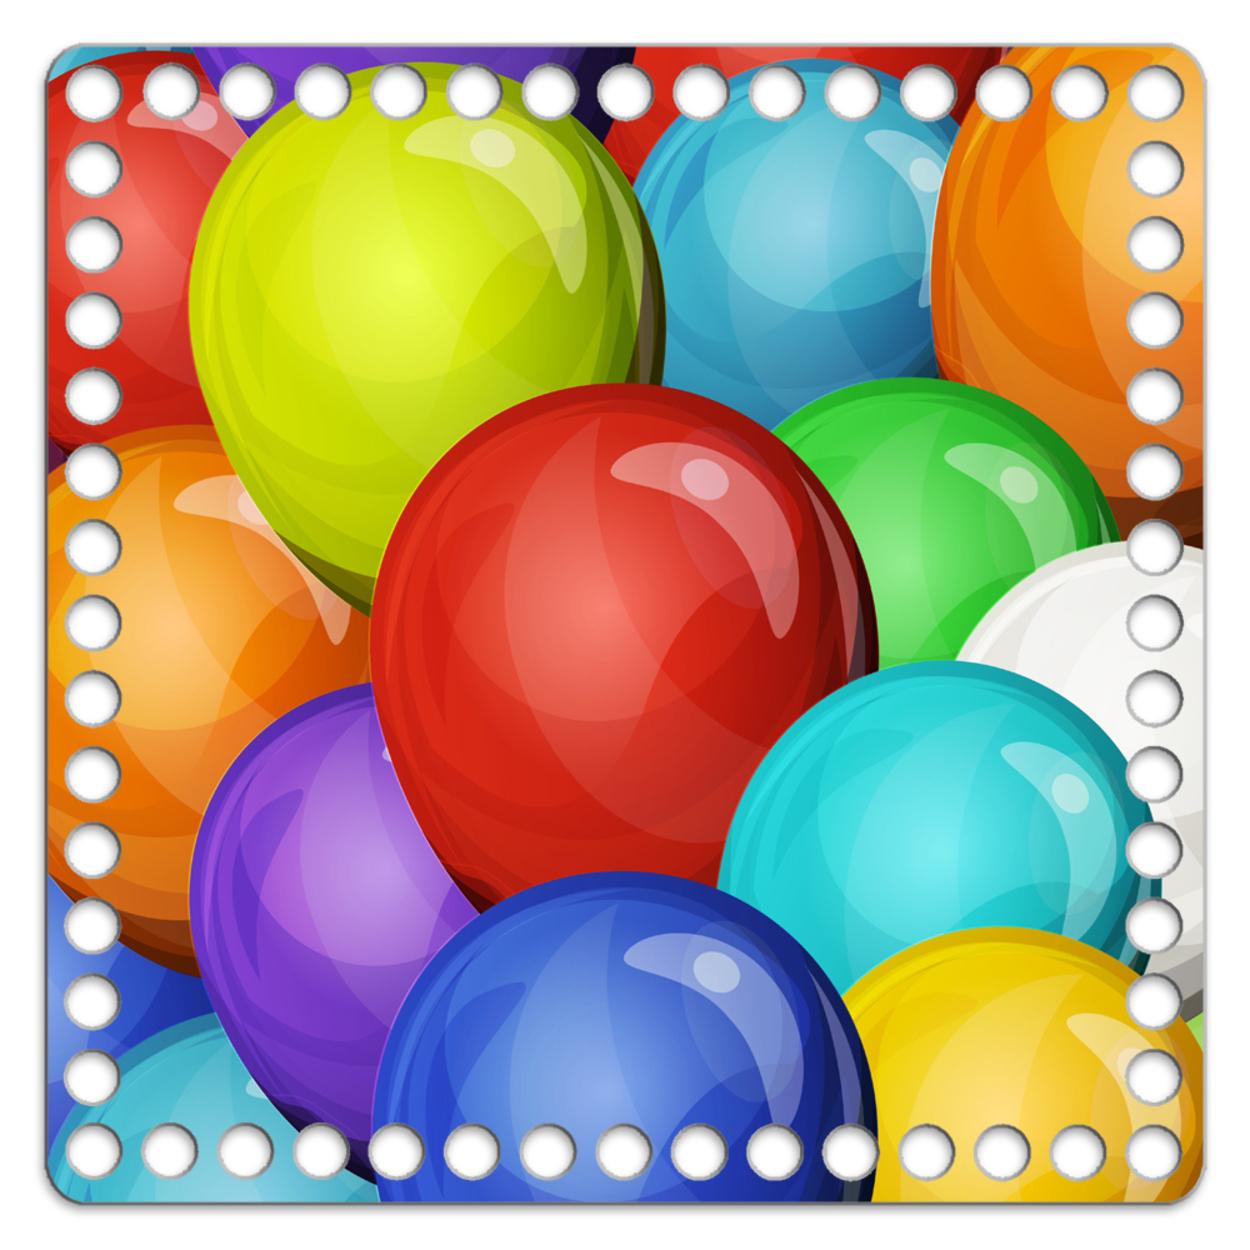 Квадрат 20 см. Воздушные шары